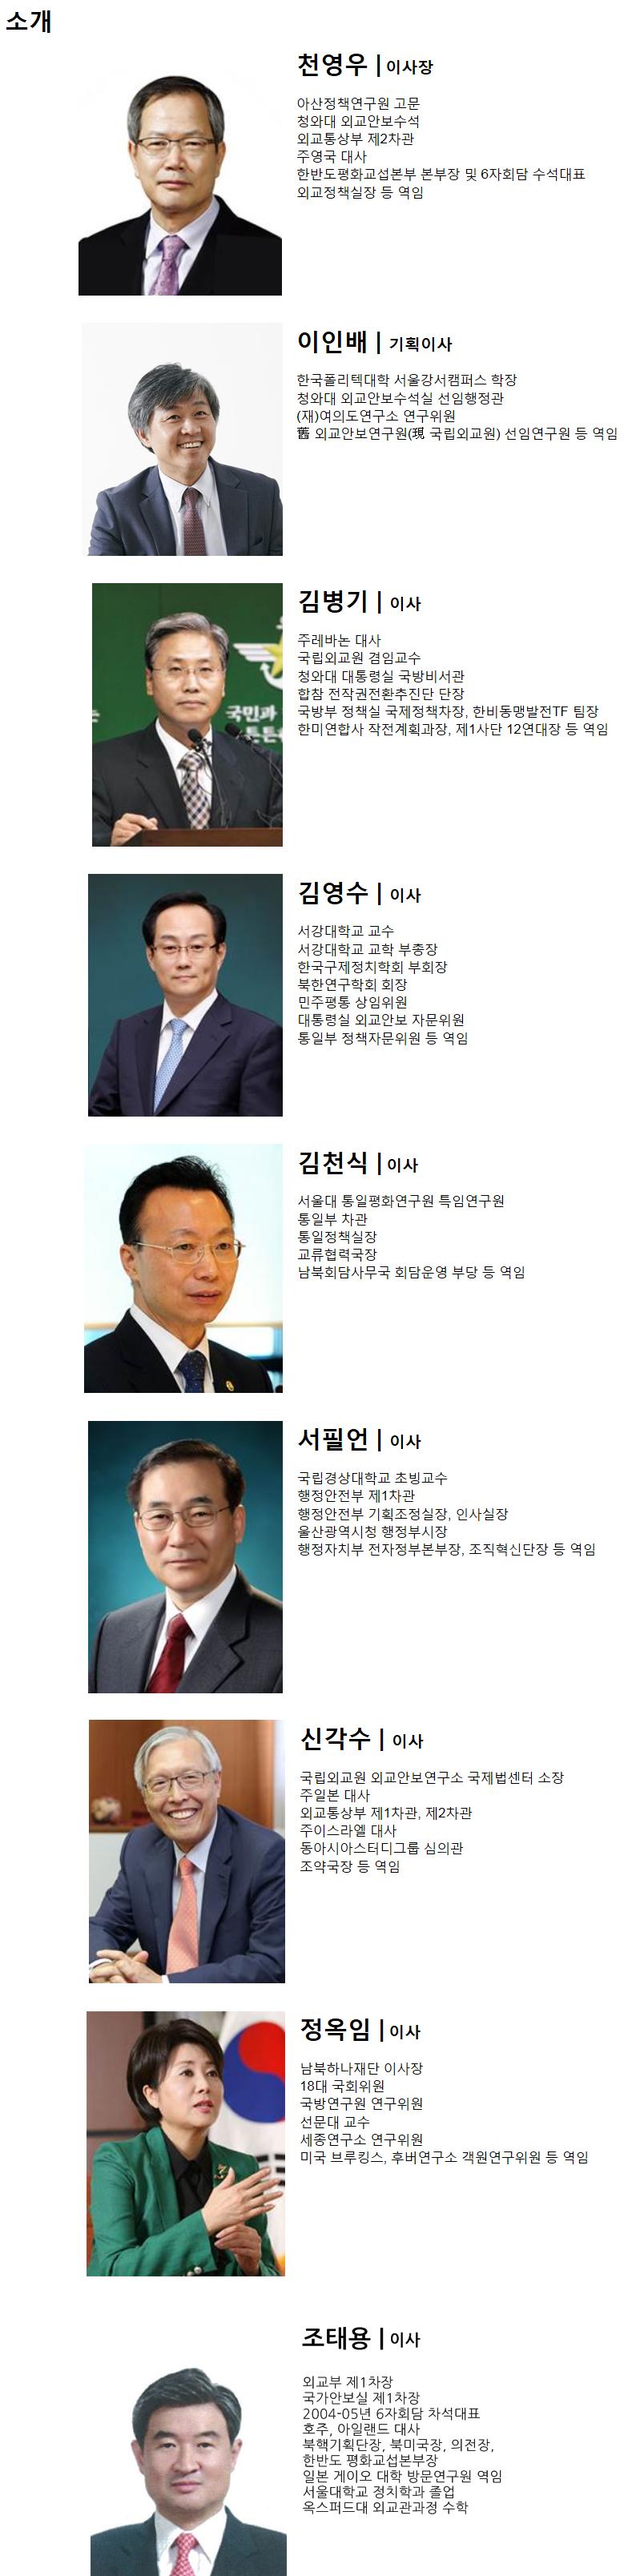 조직도2020_profile.png